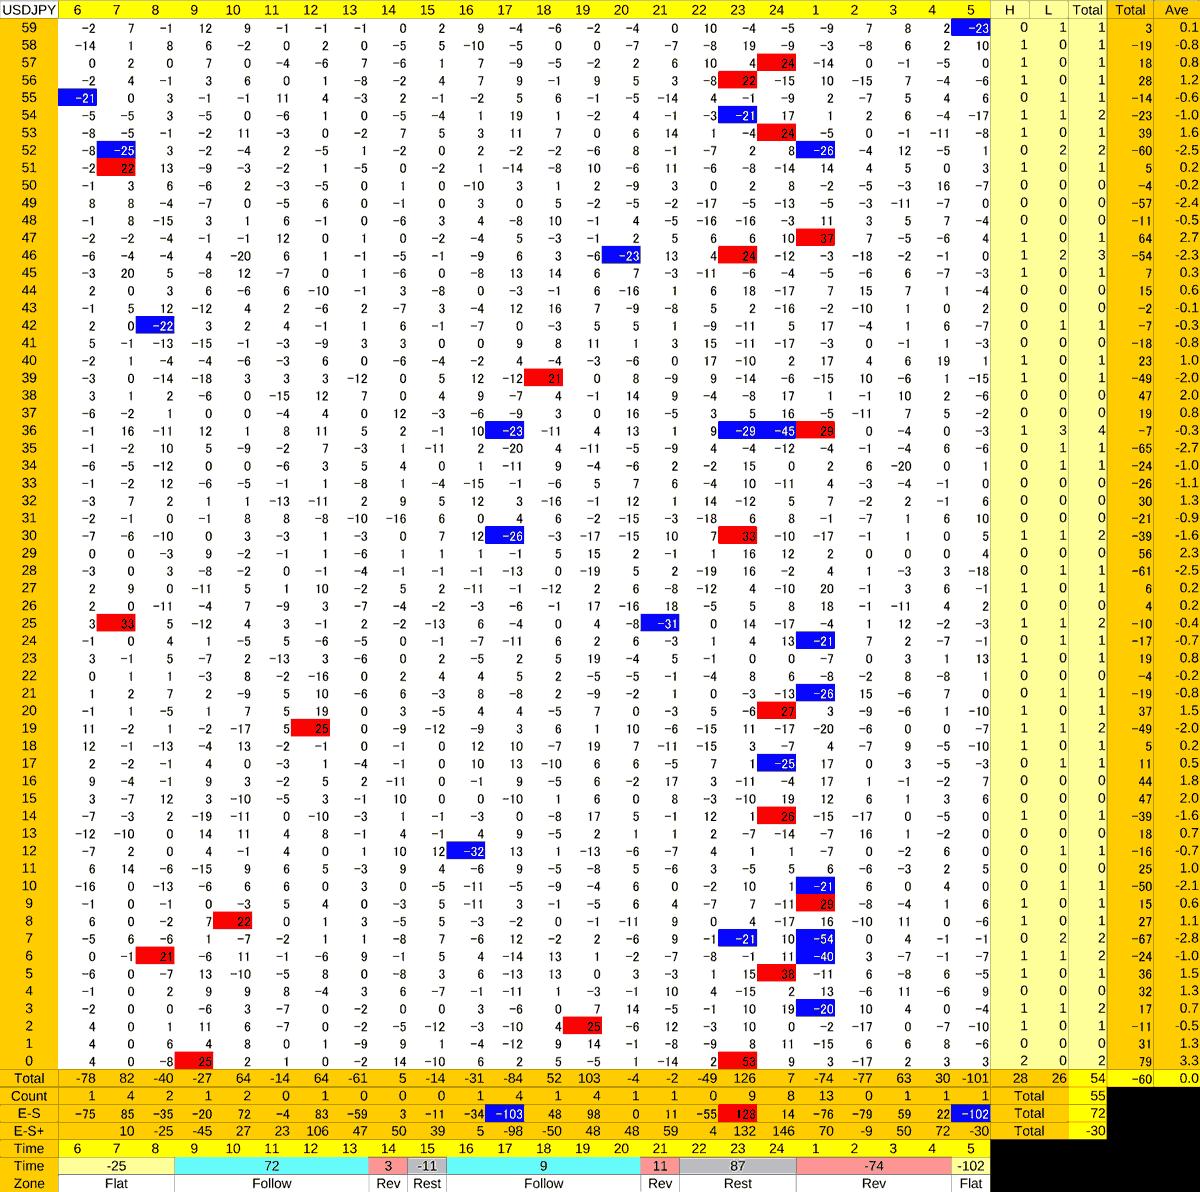 20201201_HS(1)USDJPY